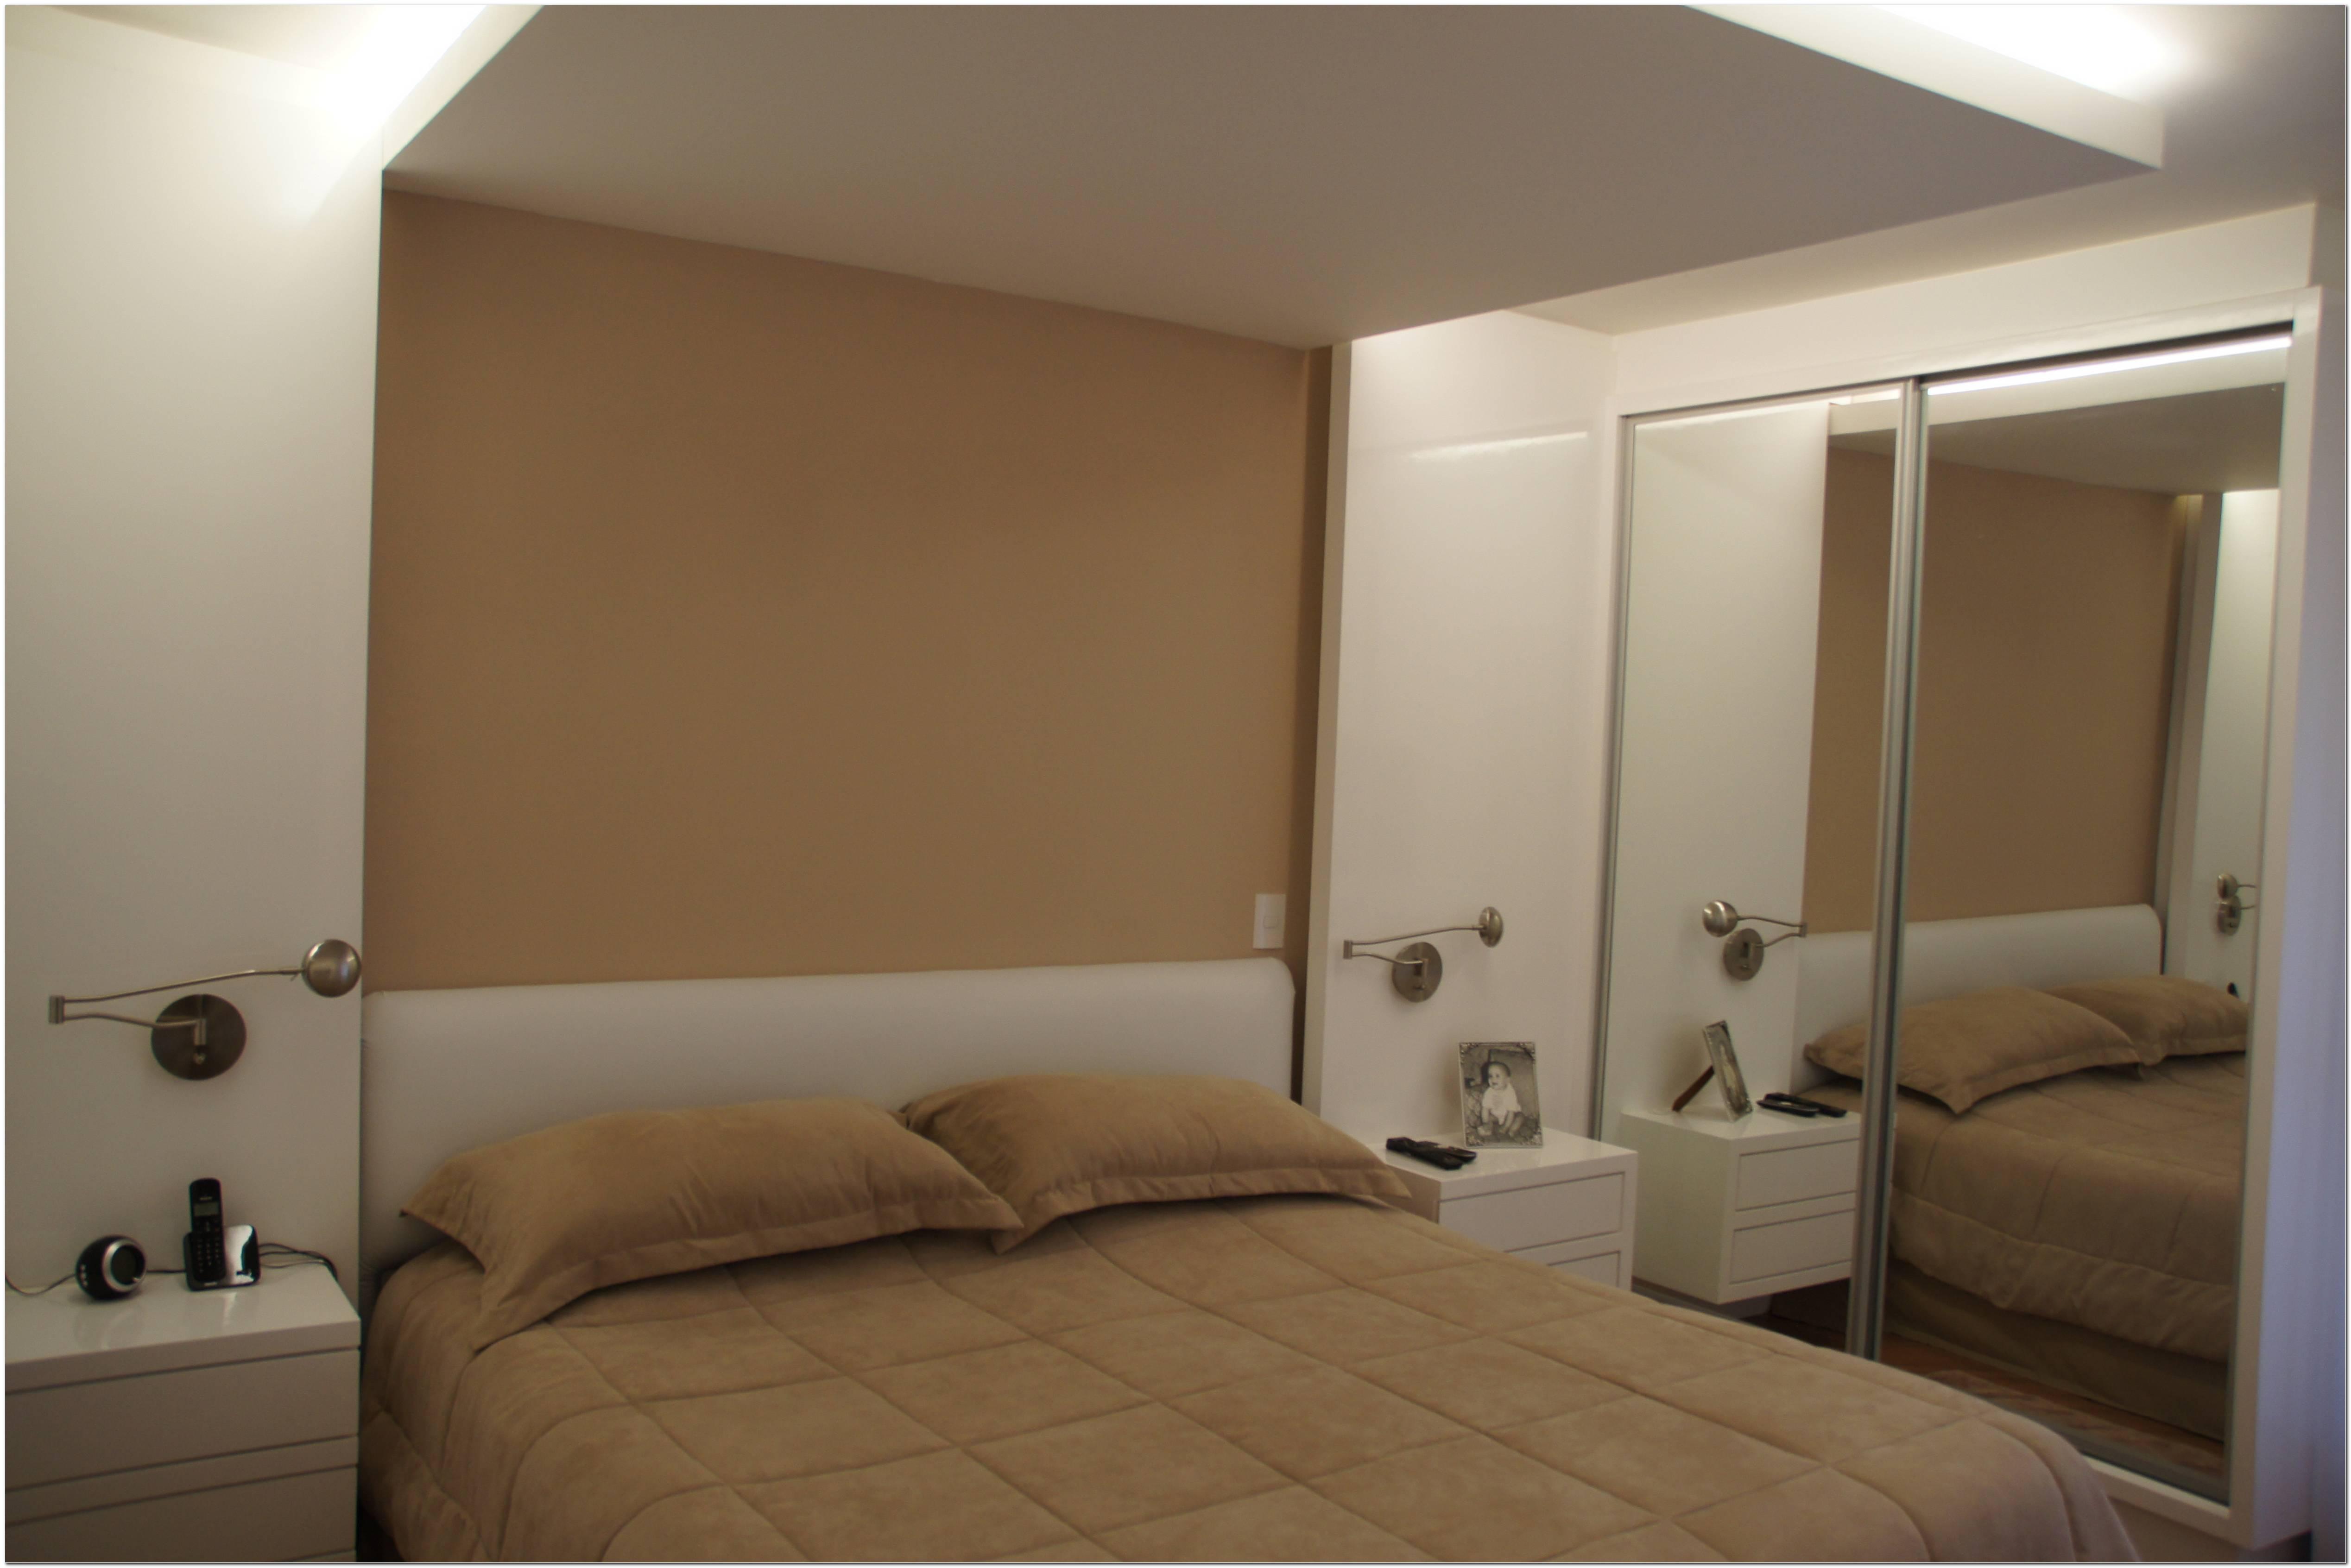 Design De Interiores De Quartos